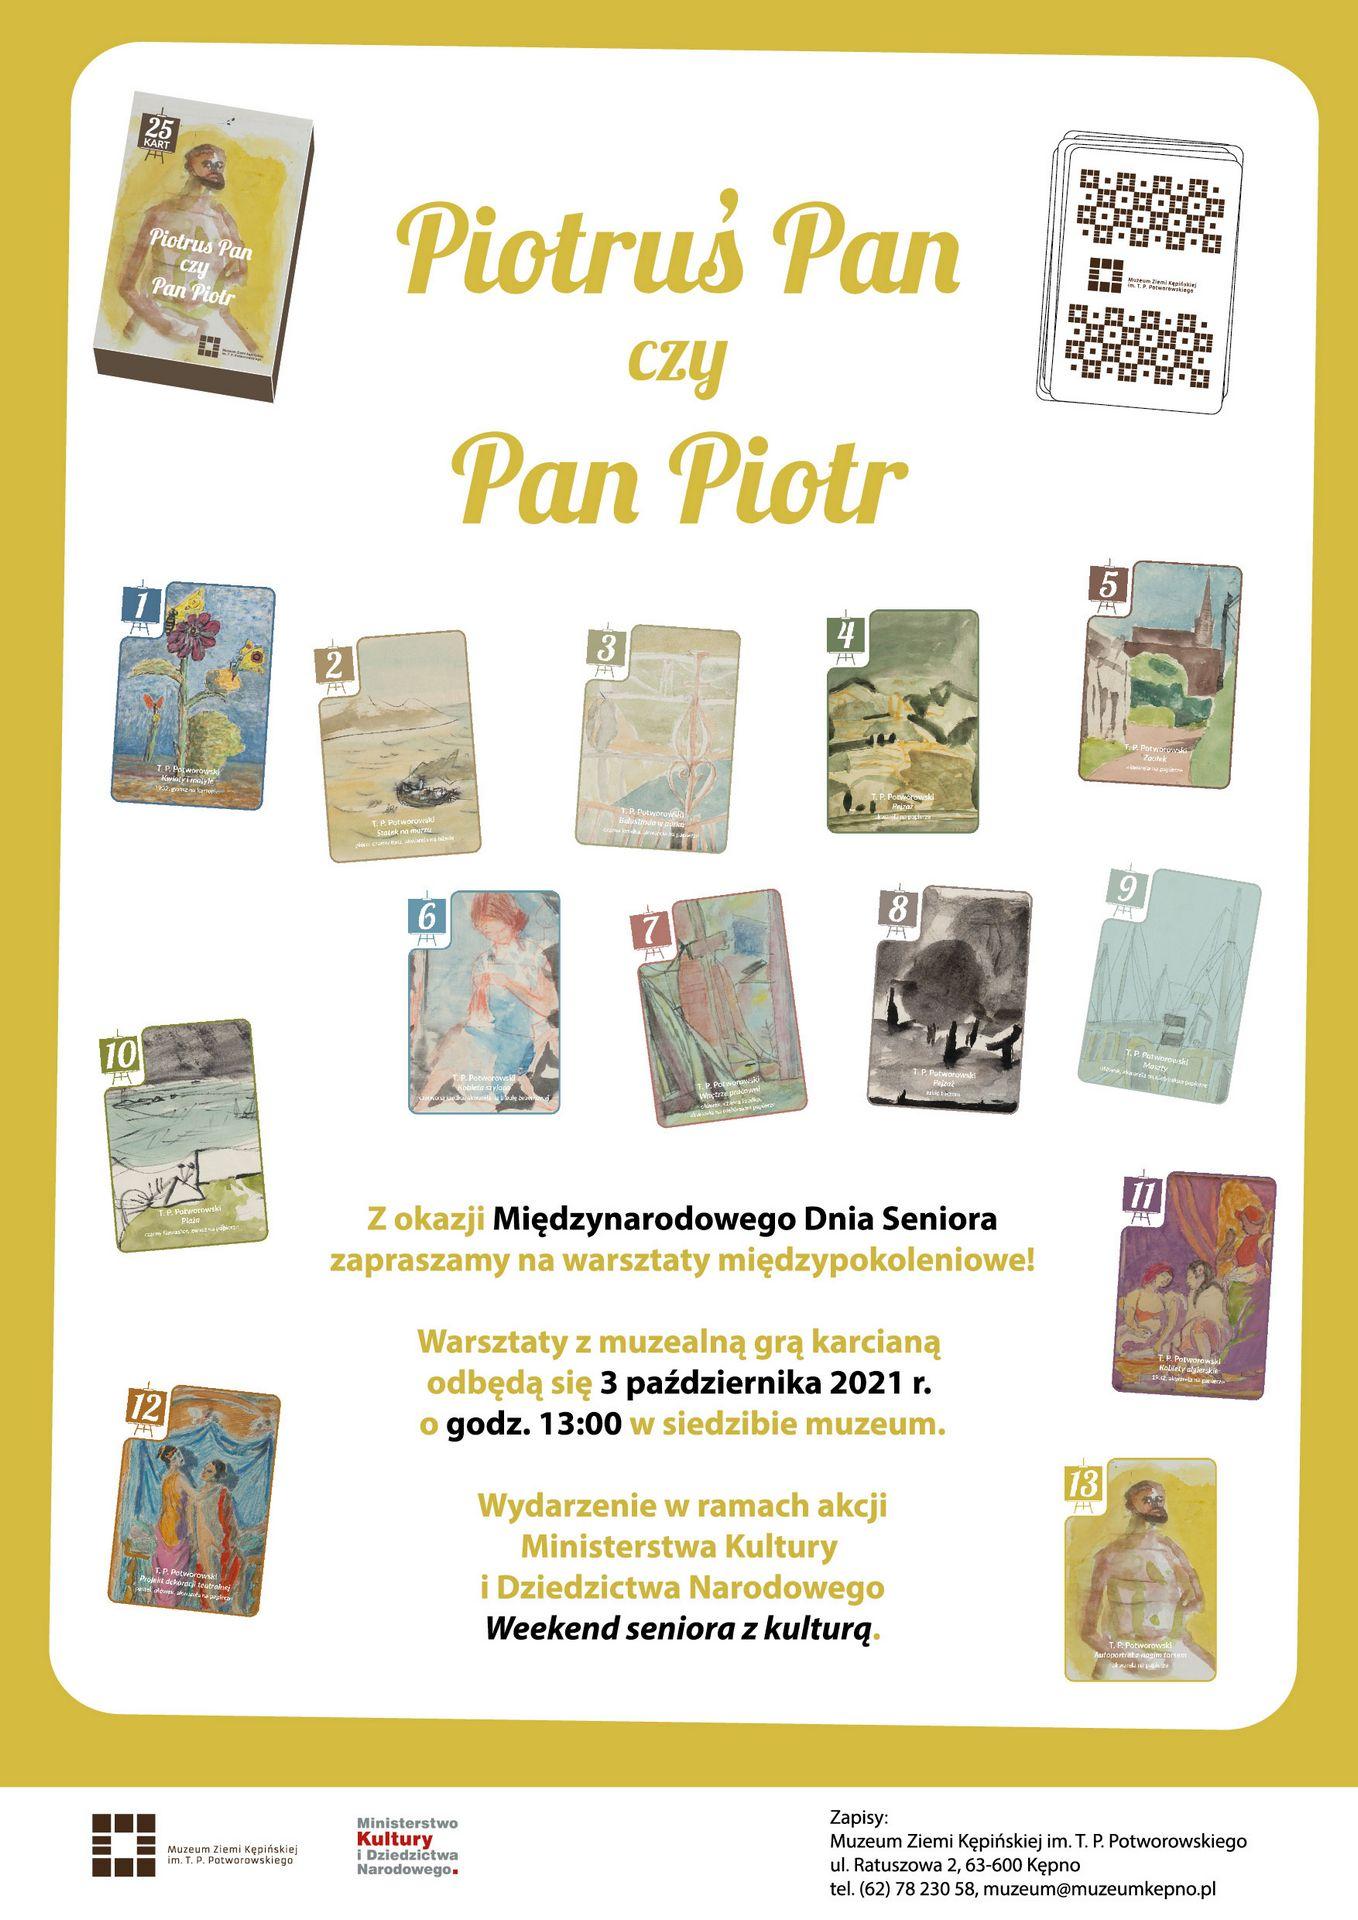 Plakat na wydarzenie Piotruś Pan czy Pan Piotr na plakacie obrazy Tadeusza Piotra Potworowskiego warsztaty odbędą się 3 października o godz. 13:00 w muzeum